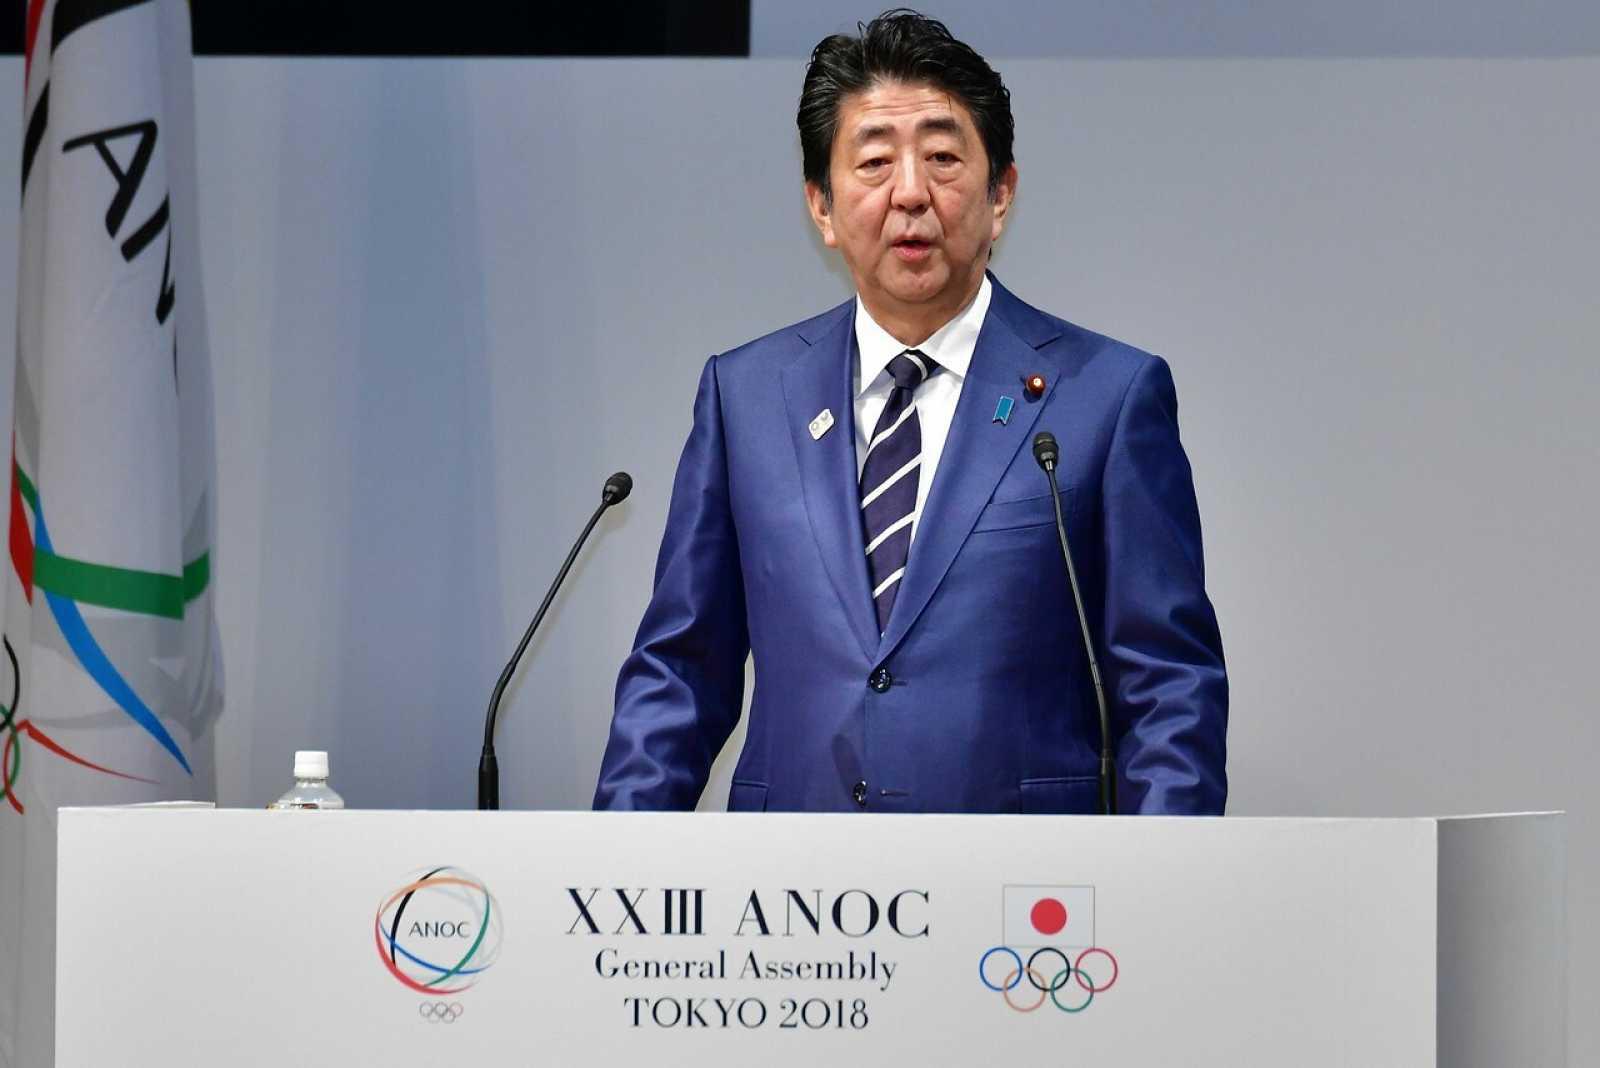 Shinzo Abe reconoce abiertamente la posibilidad de un cambio de fechas